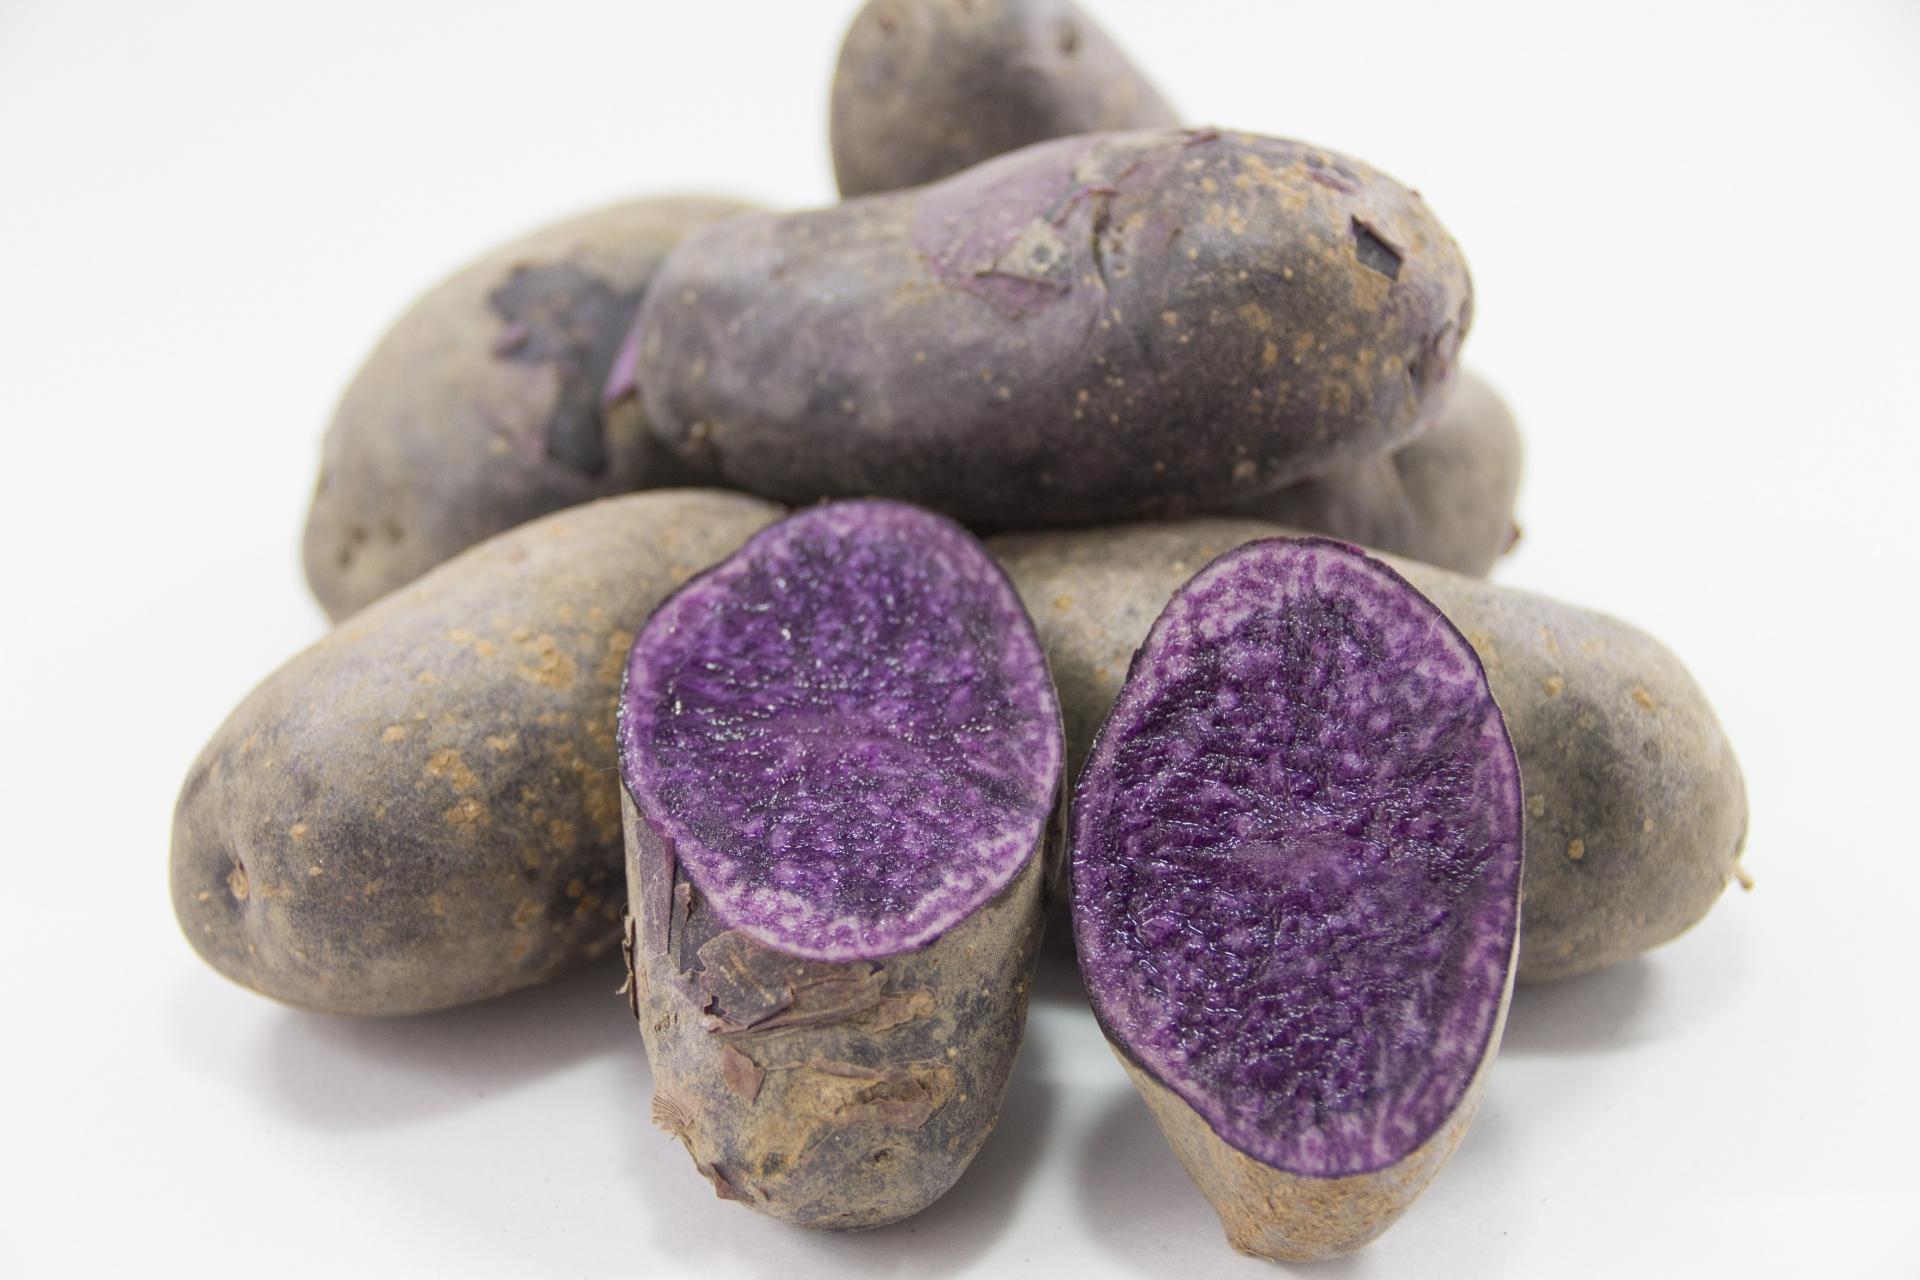 シャドークイーンとは?芋の特徴や紫色を生かした簡単レシピを紹介!